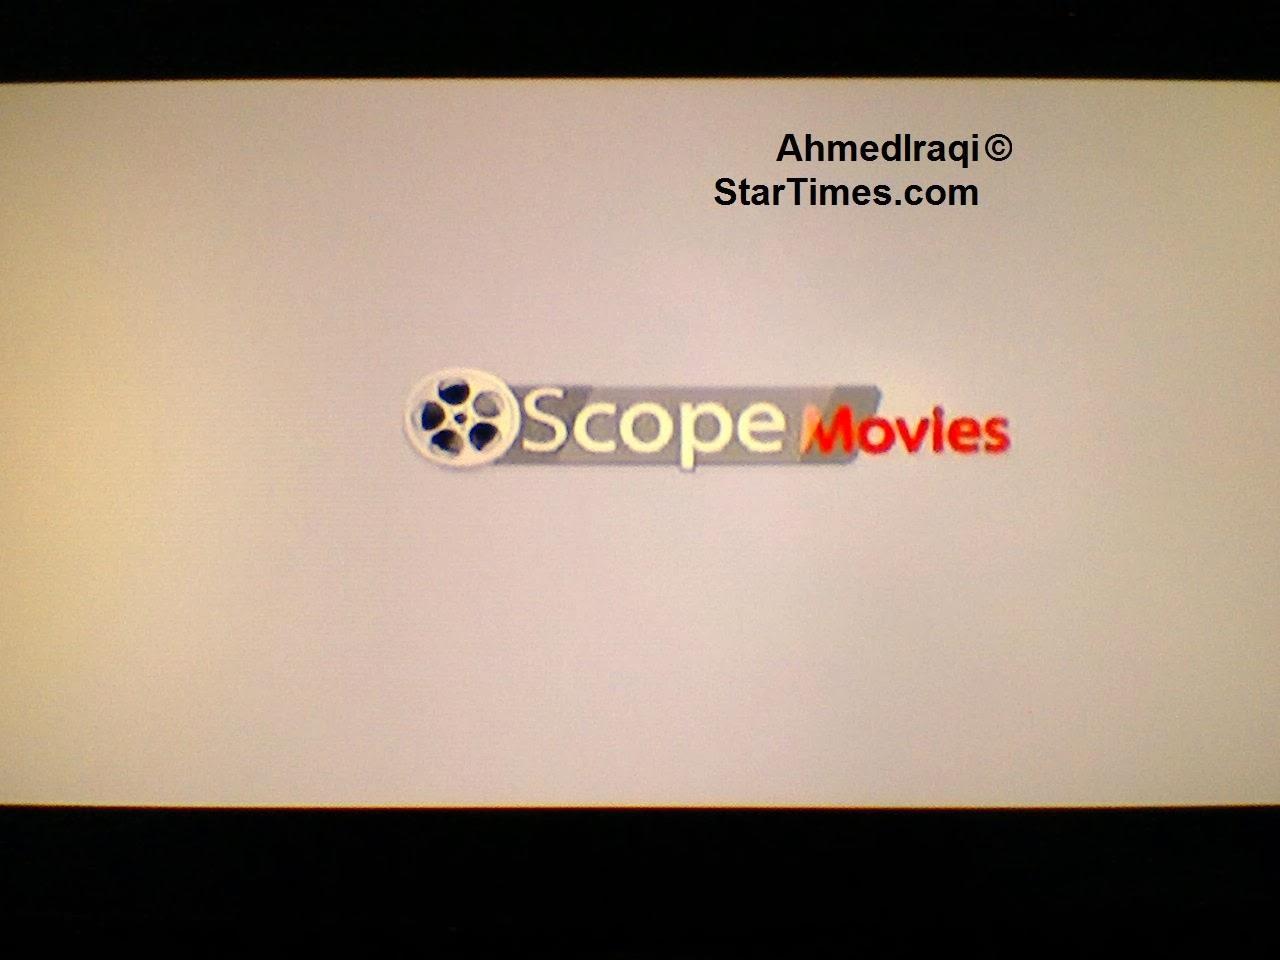 تردد قناة سكوب موفيز الجديد على النايل سات Scoop Movies 2014